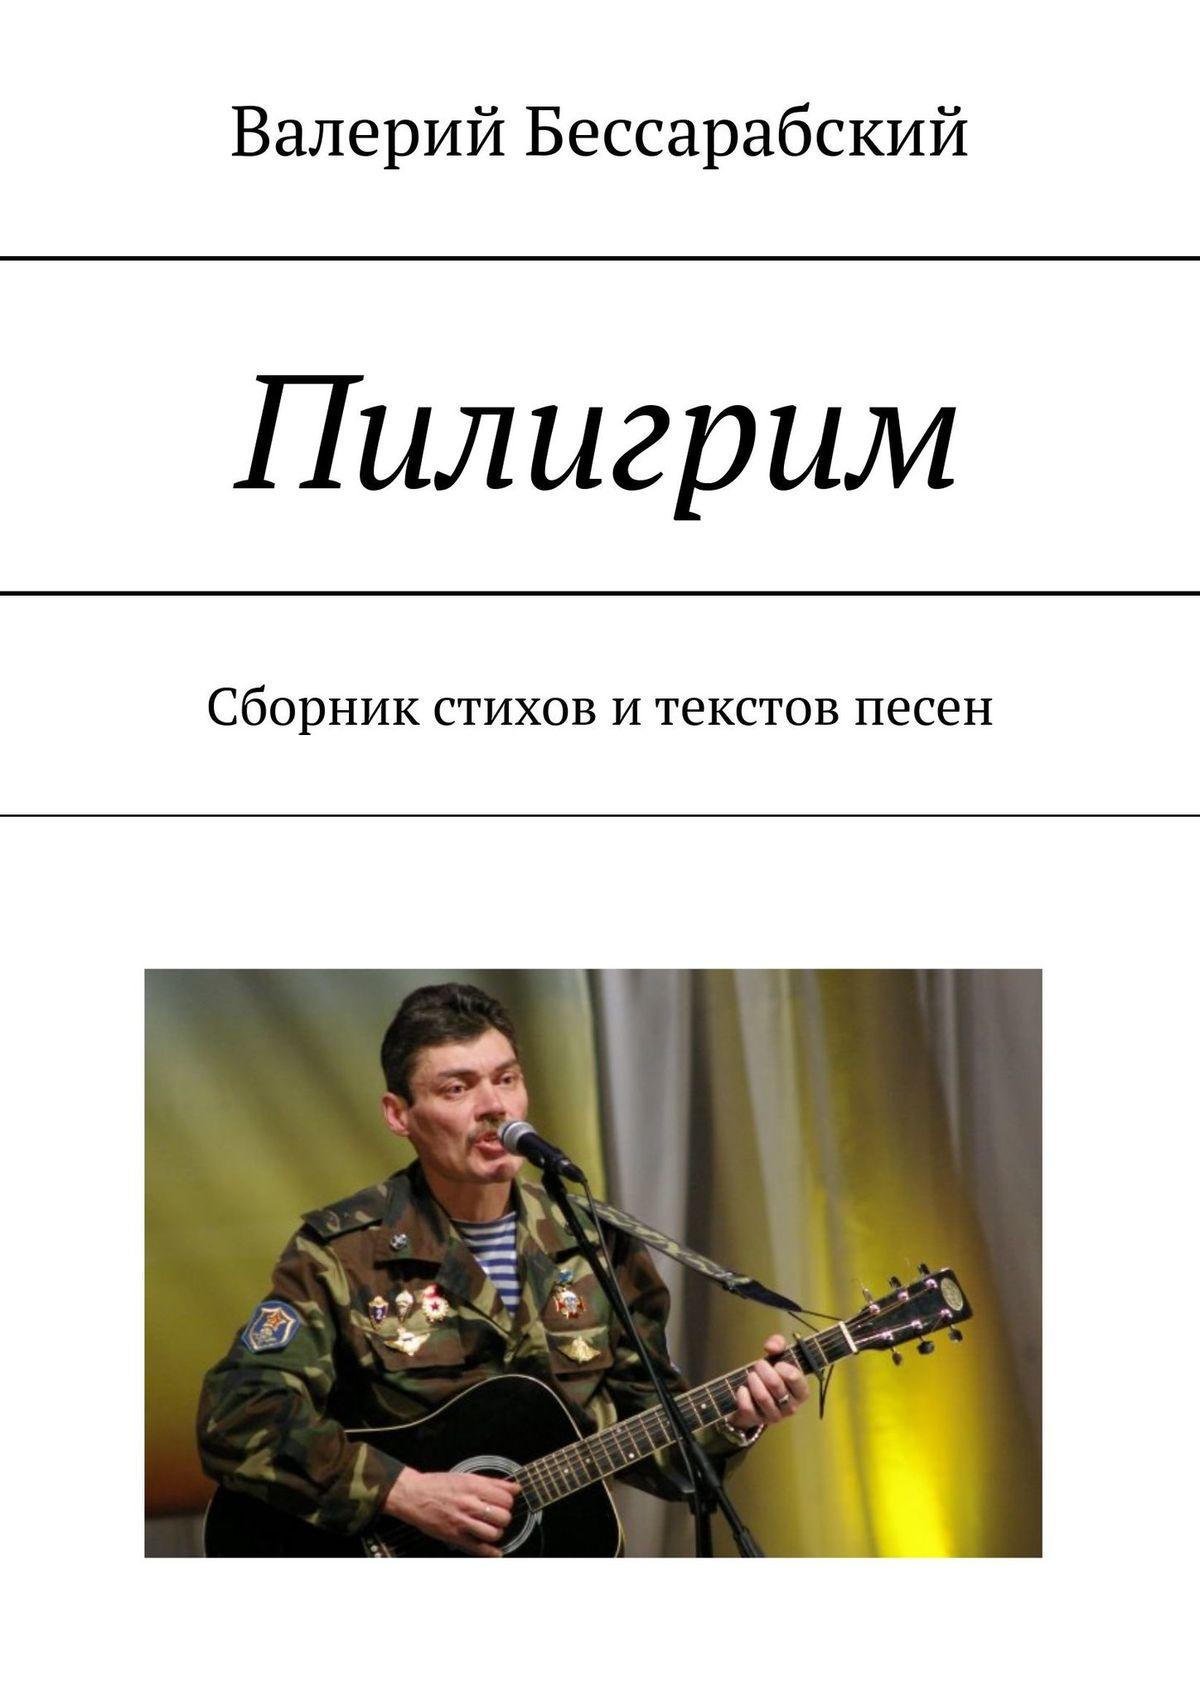 Валерий Бессарабский Пилигрим. Сборник стихов итекстов песен